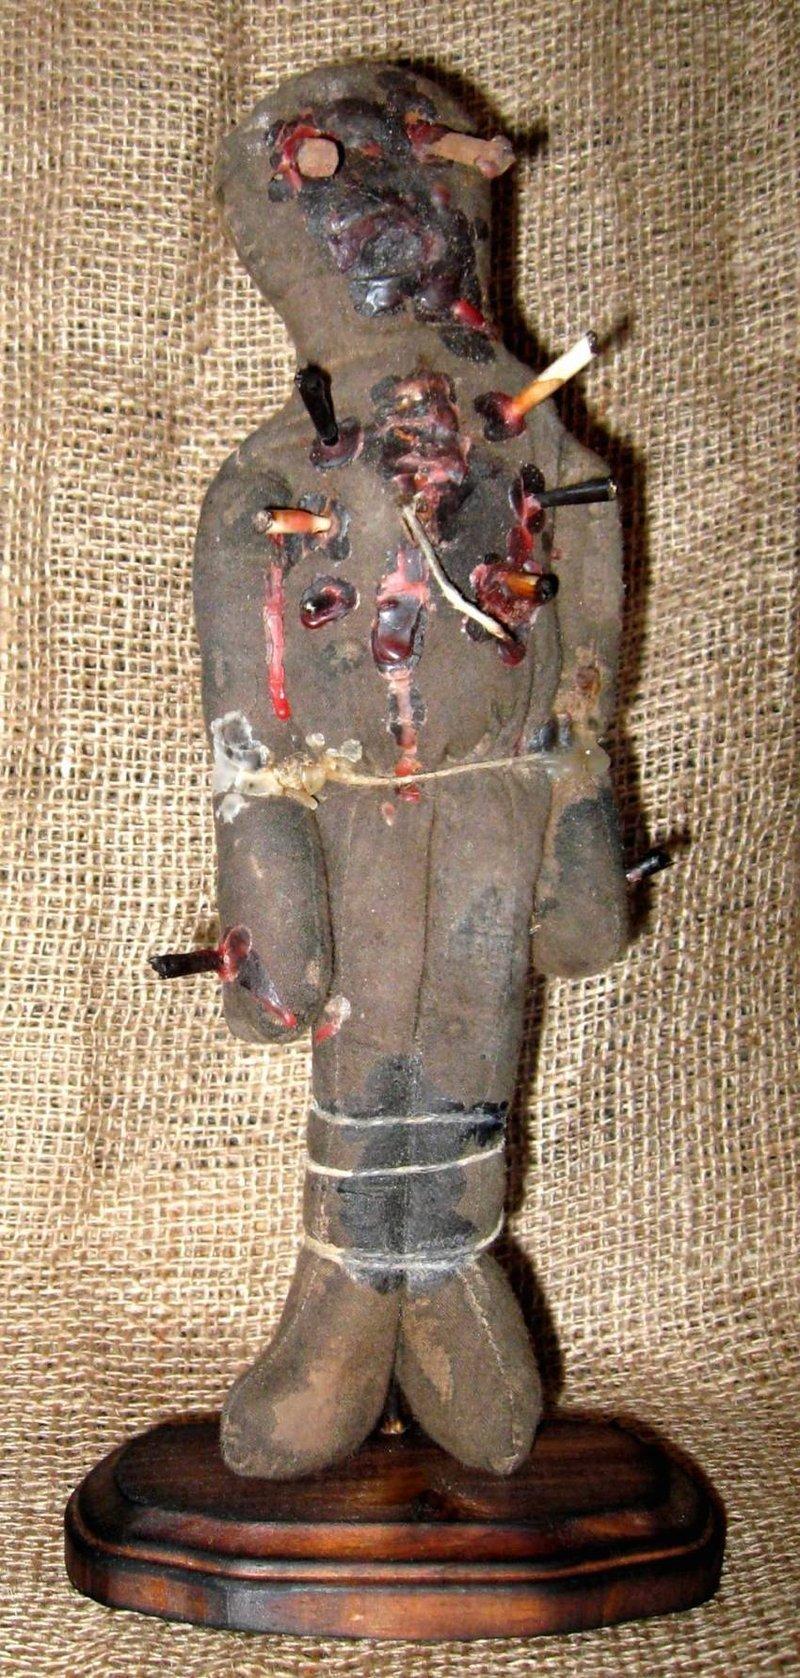 Кукла вуду: для чего применяется, ритуалы для разных потребностей